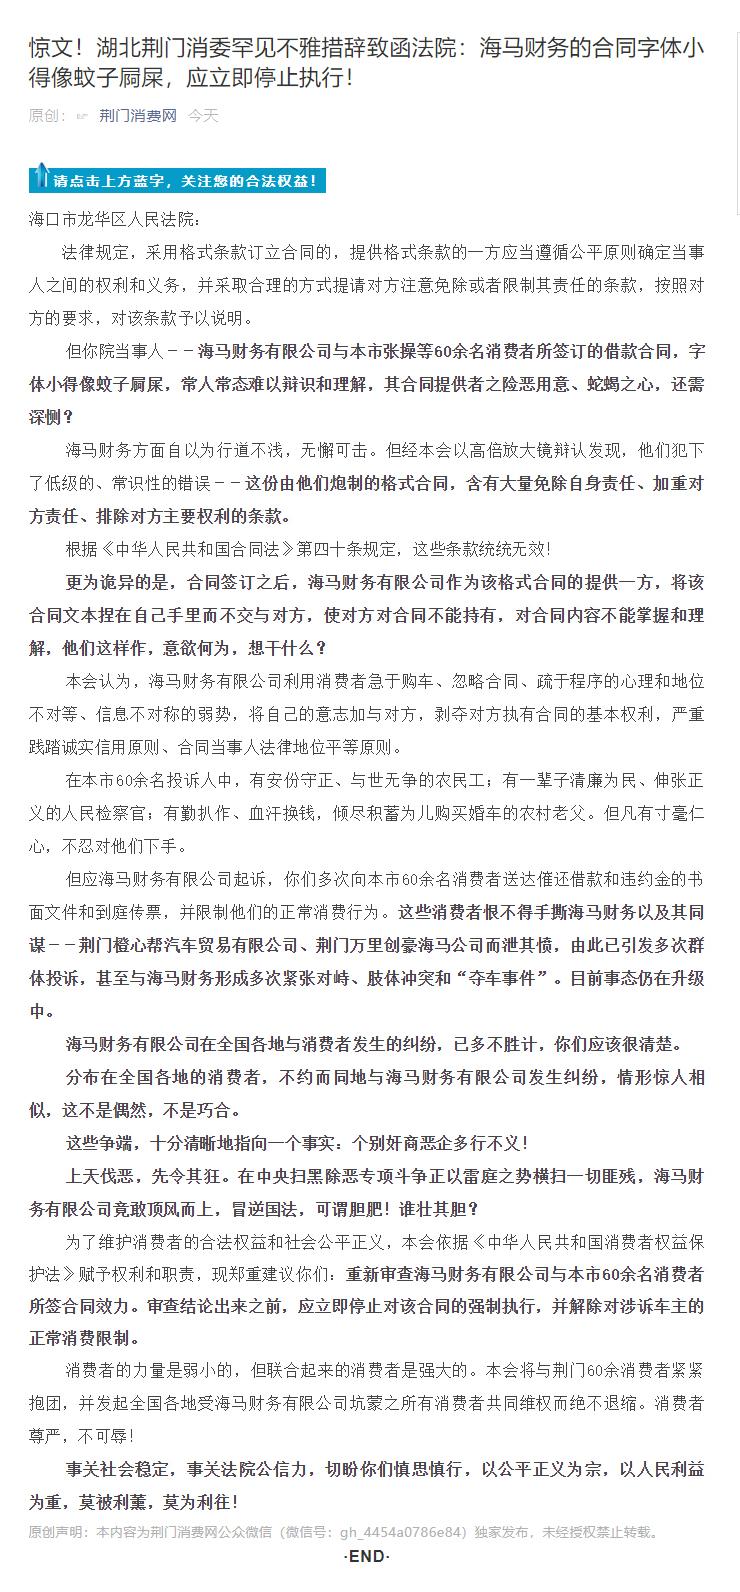 荆门市消耗者委员会给海口市龙华区法院的公开函件